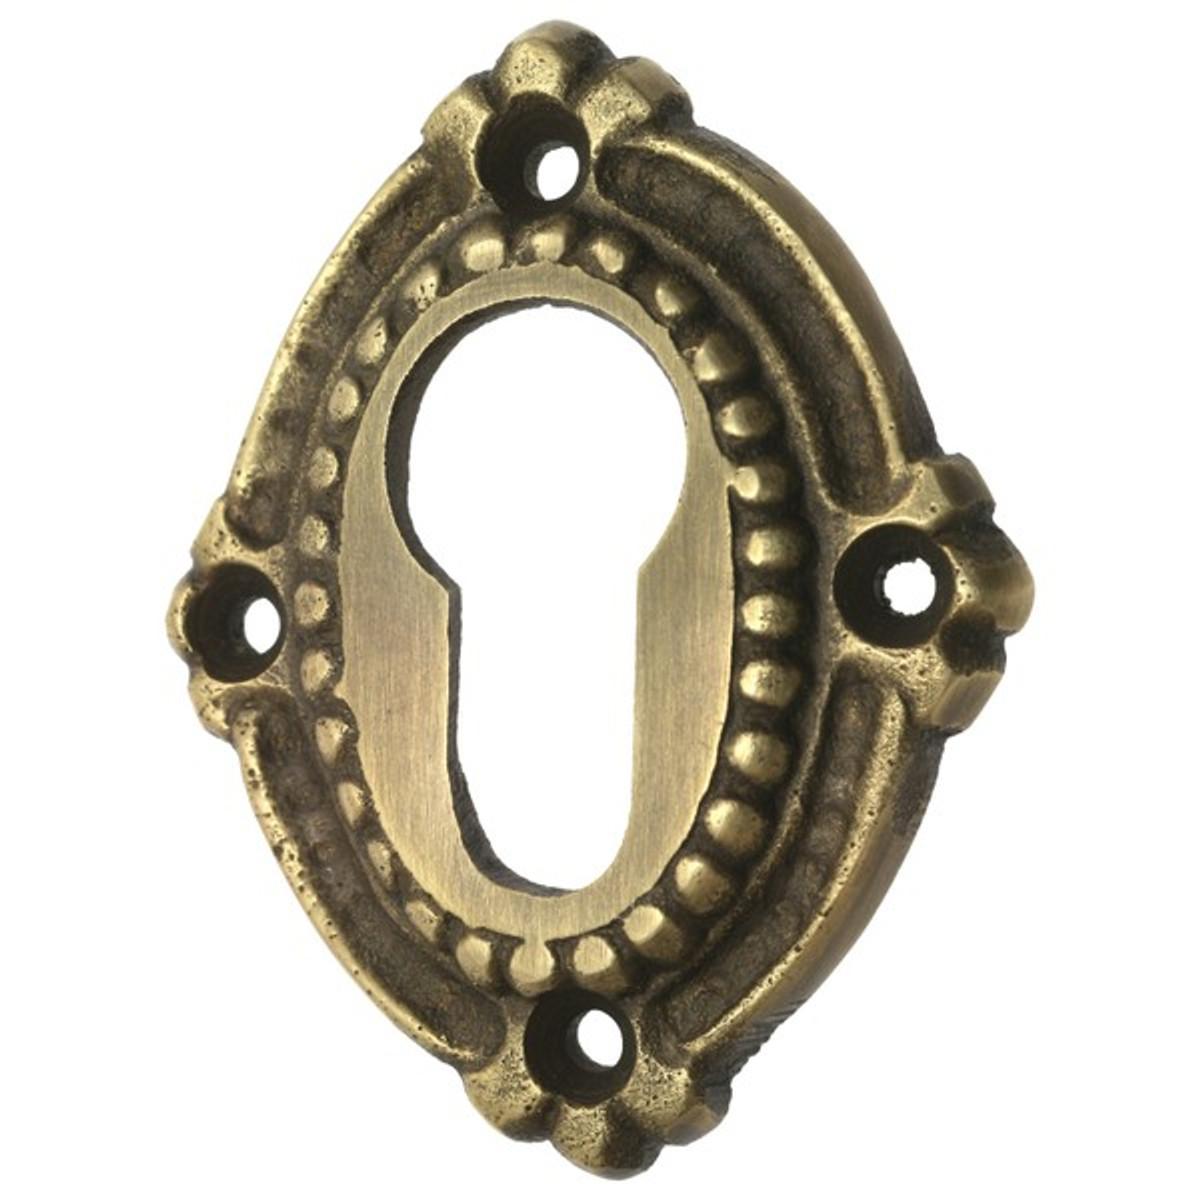 PZ Schlüsselrosette Profilzylinder Messing patiniert Tür Zubehör Eisenwaren